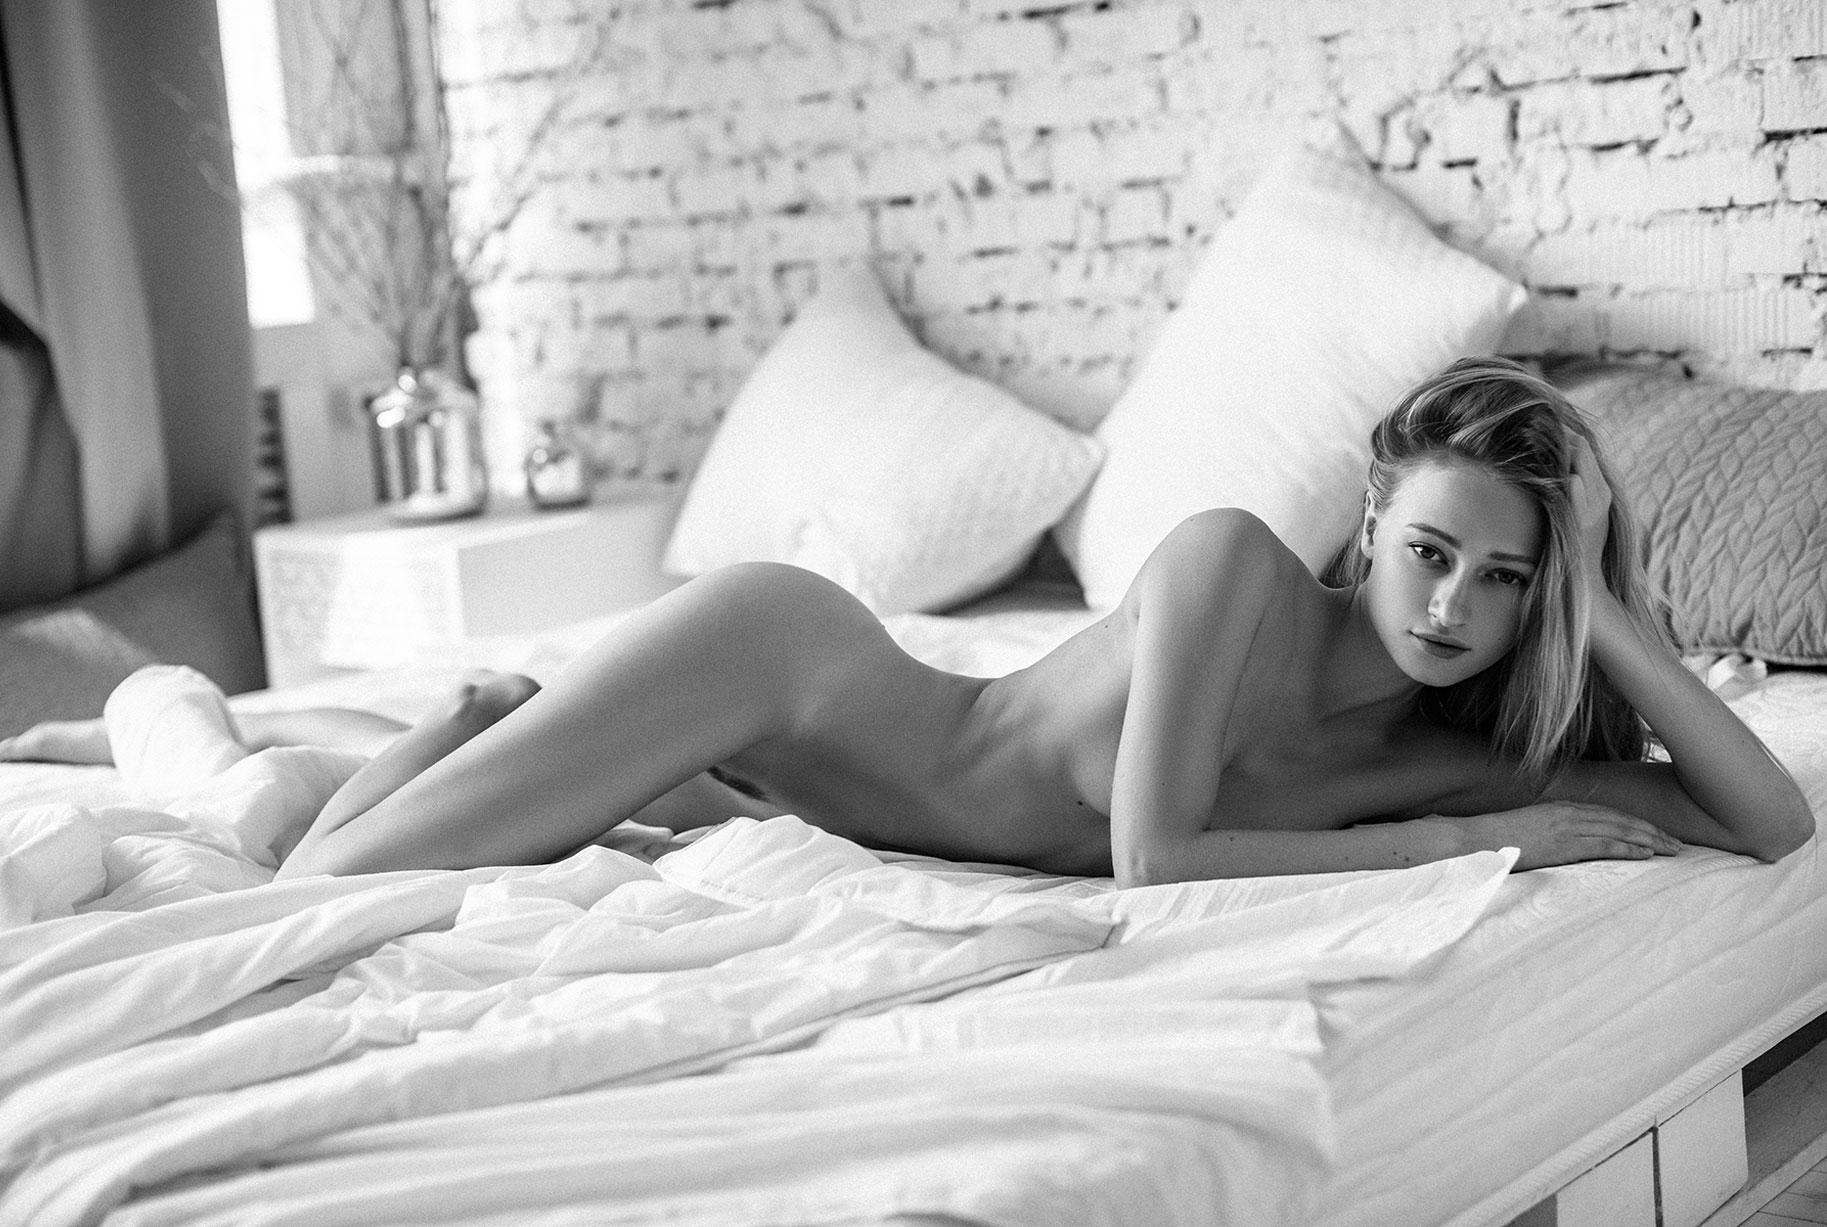 Елизавета Чигвинцева, фотограф Алексей Трифонов / Elizaveta Chigvintseva nude by Alexey Trifonov